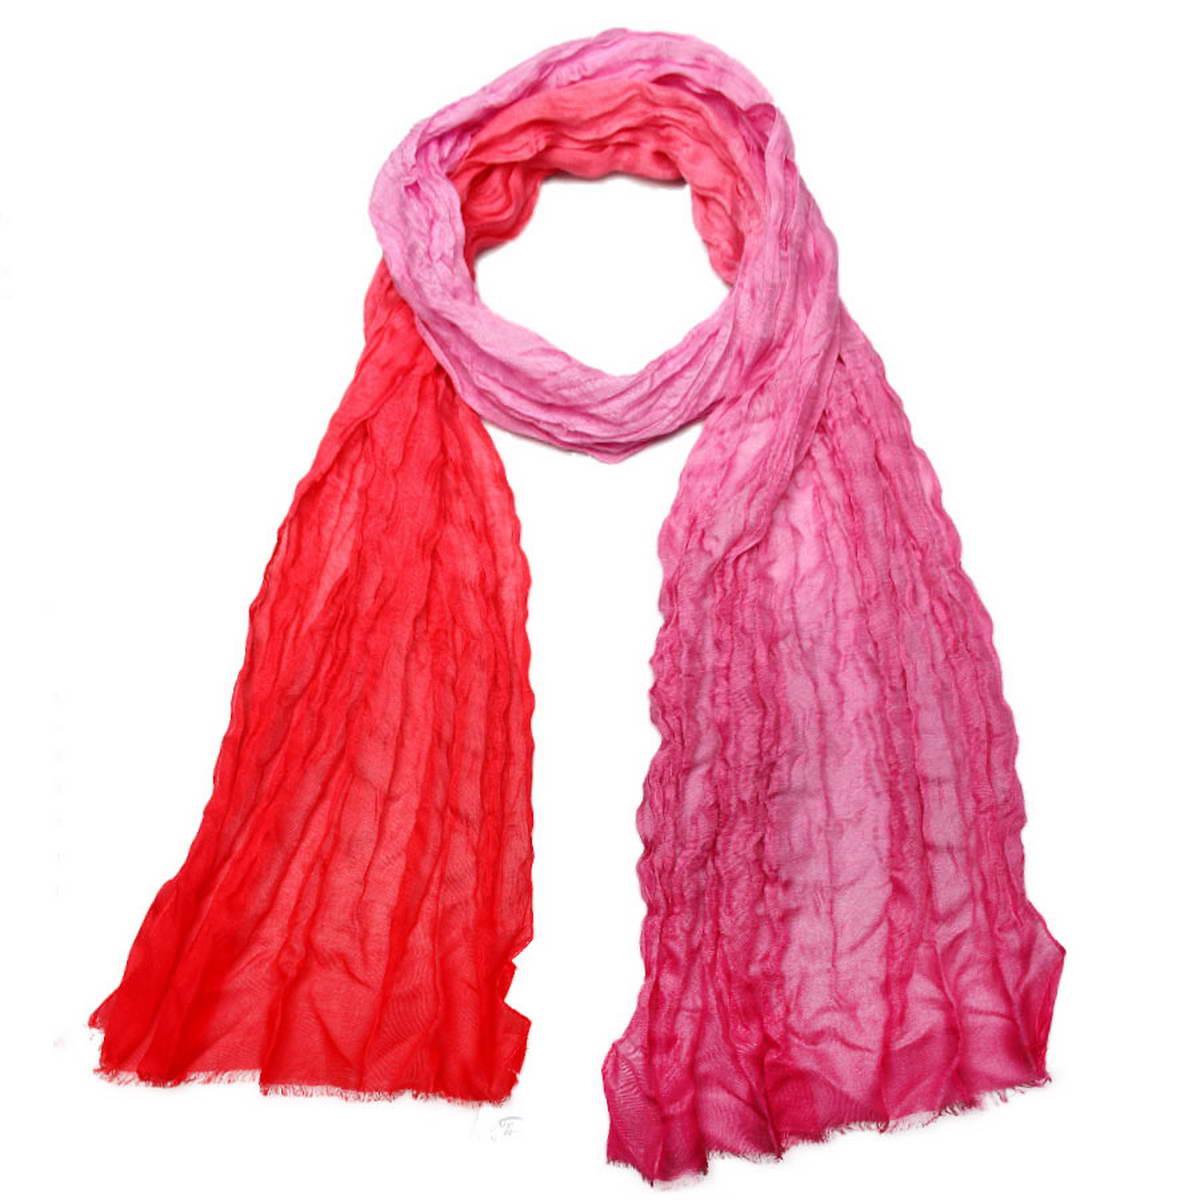 Шарф3400152Модный женский шарф Venera подарит вам уют и станет стильным аксессуаром, который призван подчеркнуть вашу индивидуальность и женственность. Тонкий шарф выполнен из высококачественного модала, он невероятно мягкий и приятный на ощупь. Шарф оформлен изысканными цветовыми переходами. Этот модный аксессуар гармонично дополнит образ современной женщины, следящей за своим имиджем и стремящейся всегда оставаться стильной и элегантной. Такой шарф украсит любой наряд и согреет вас в непогоду, с ним вы всегда будете выглядеть изысканно и оригинально.